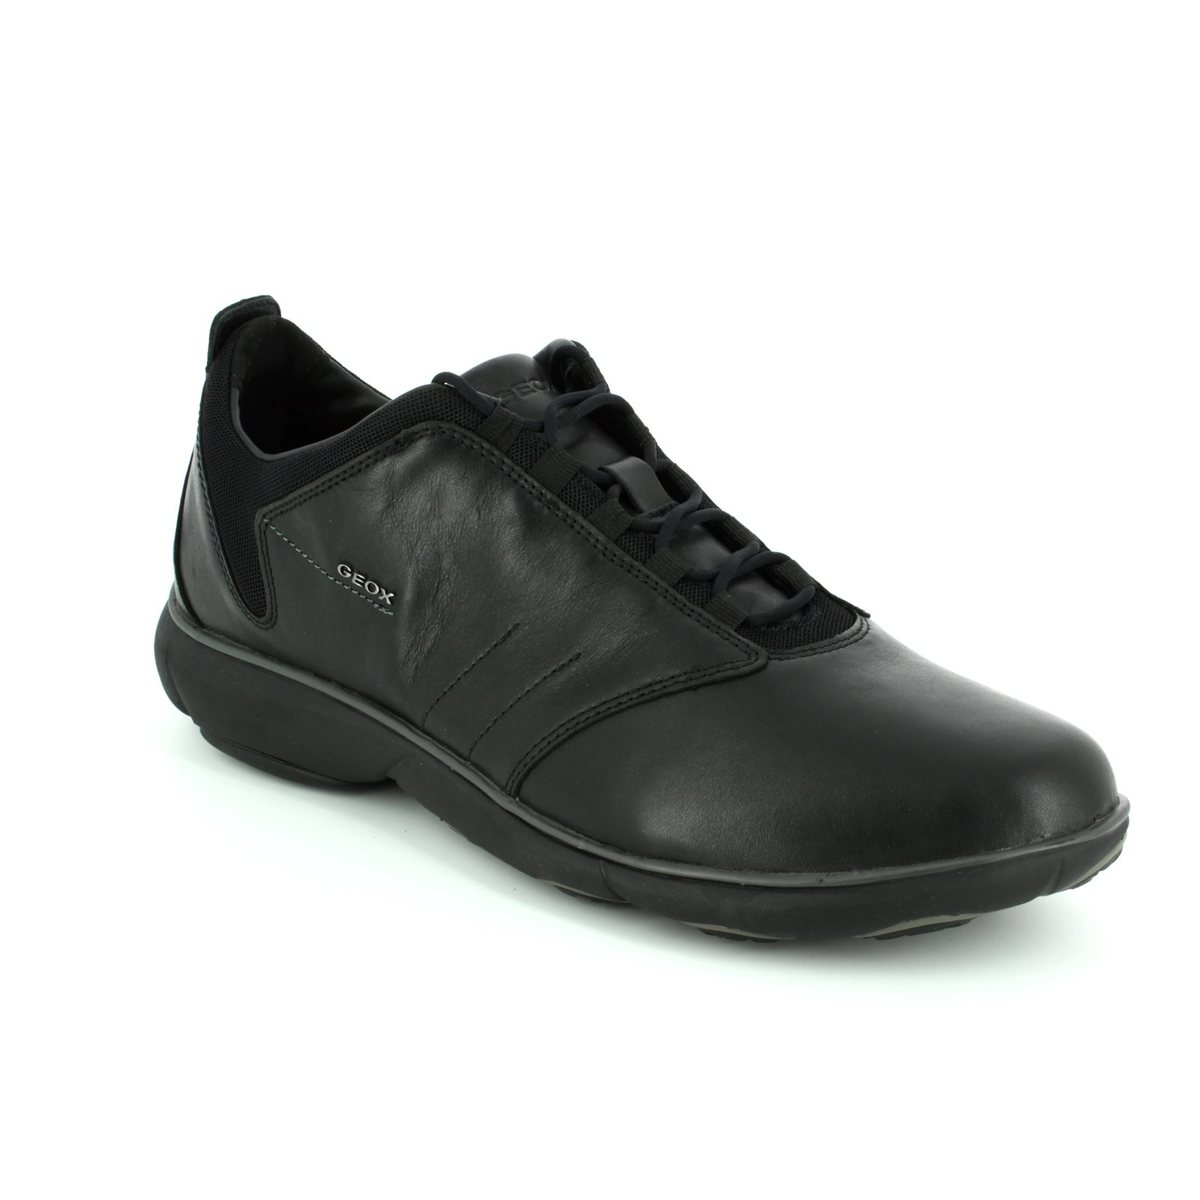 4a25c988f5 Geox Casual Shoes - Black - U52D7A/C9999 NEBULA MEN